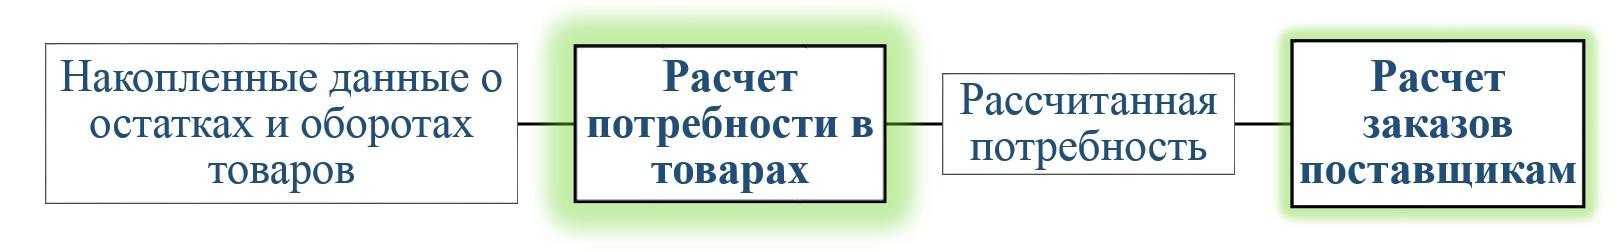 1С Донецк аптеки 6